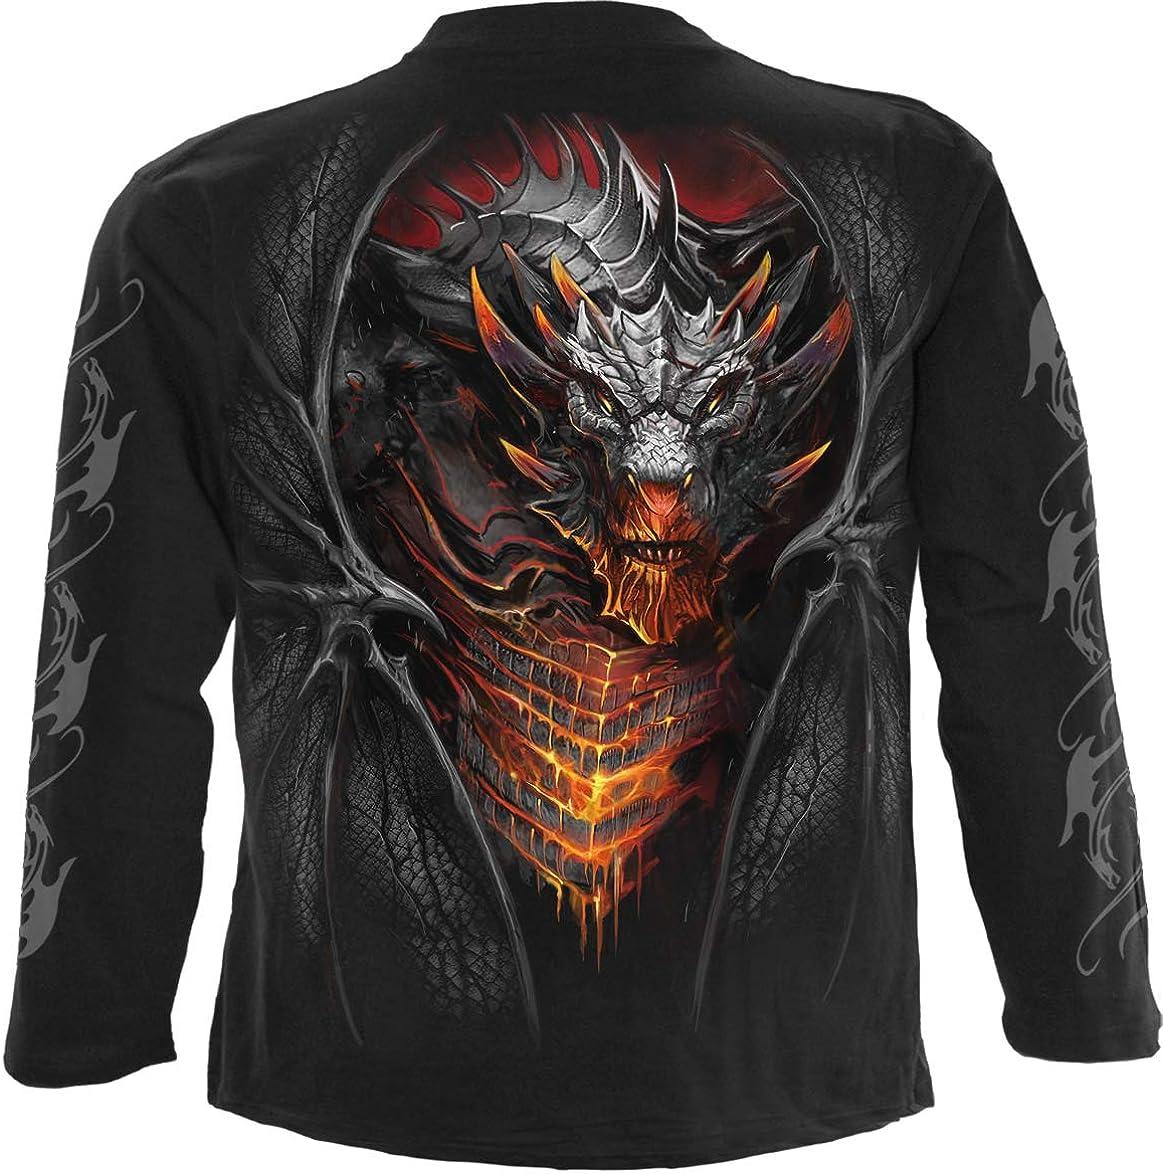 Spiral Draconis Marchandises sous Licence Officielle Rockwear T-Shirt /à Manches Longues en Coton Noir